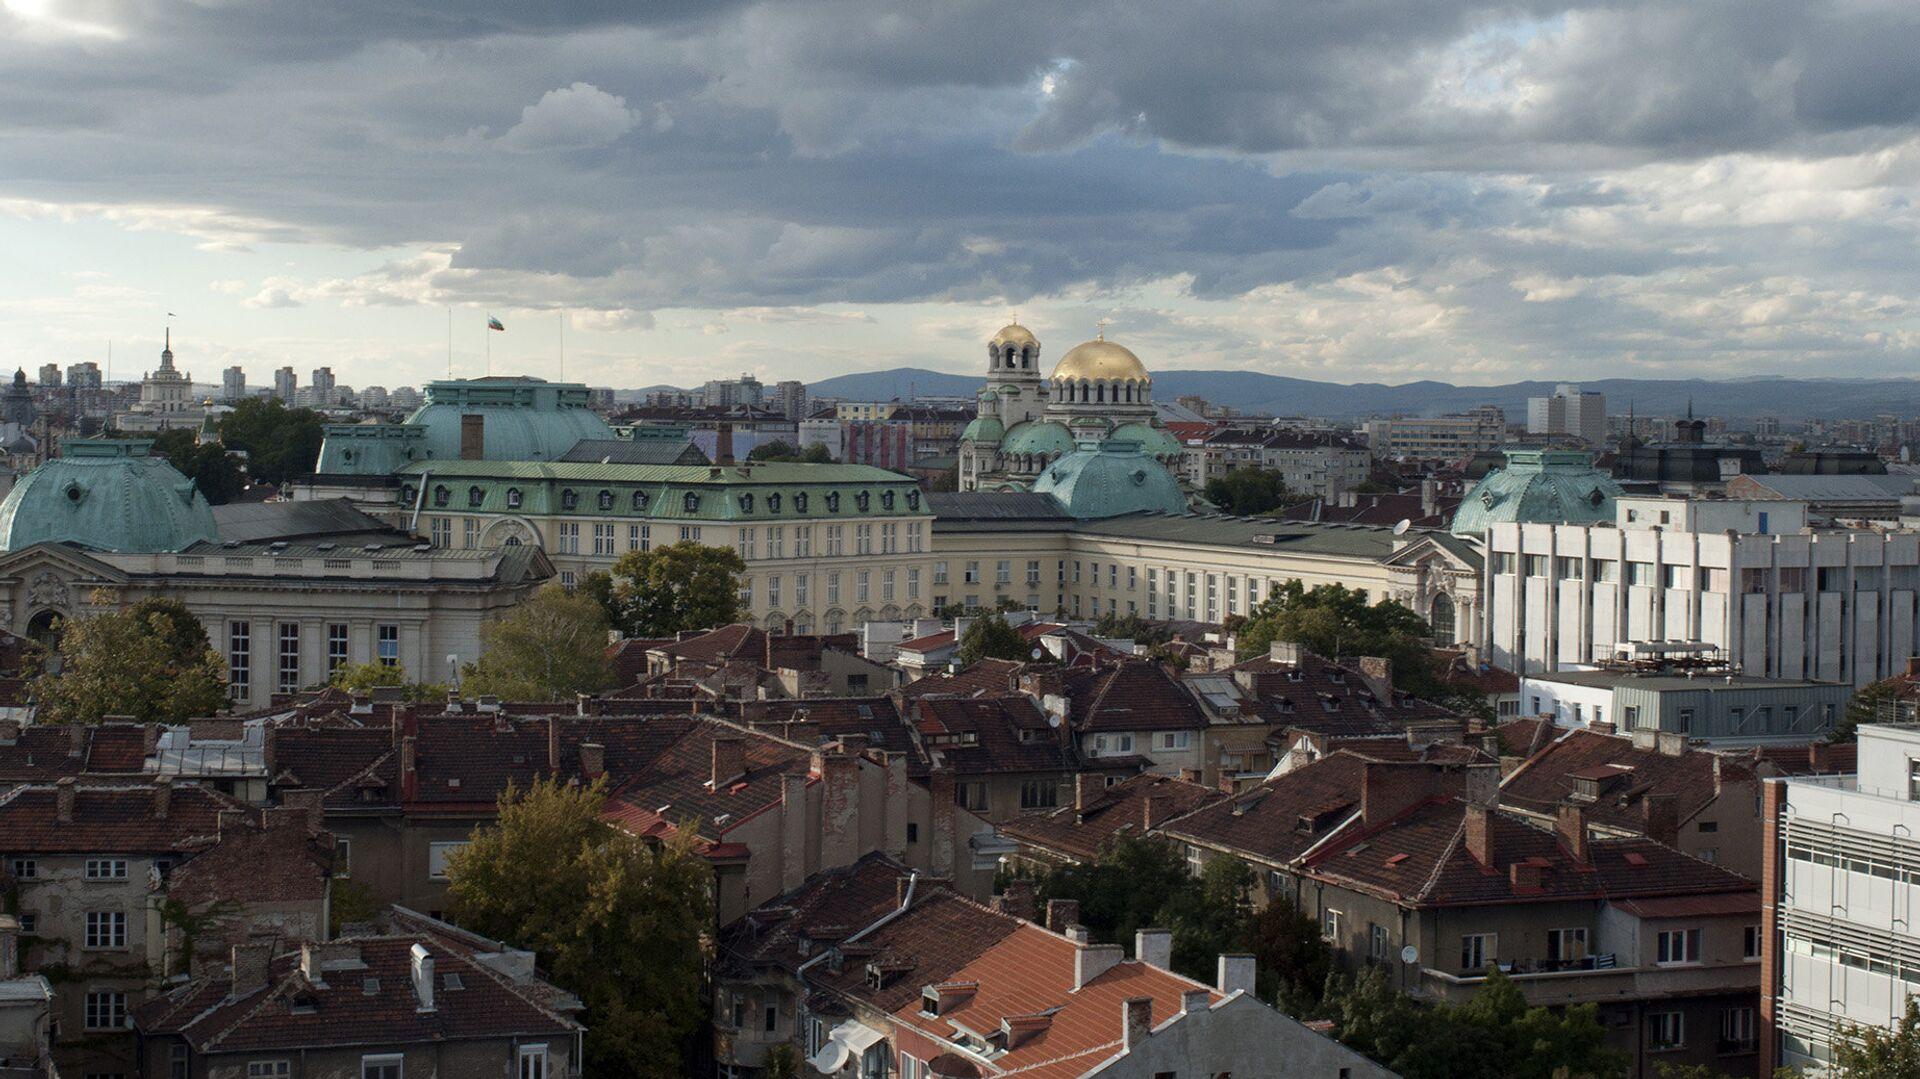 Вид на город София, Болгария - РИА Новости, 1920, 19.03.2021